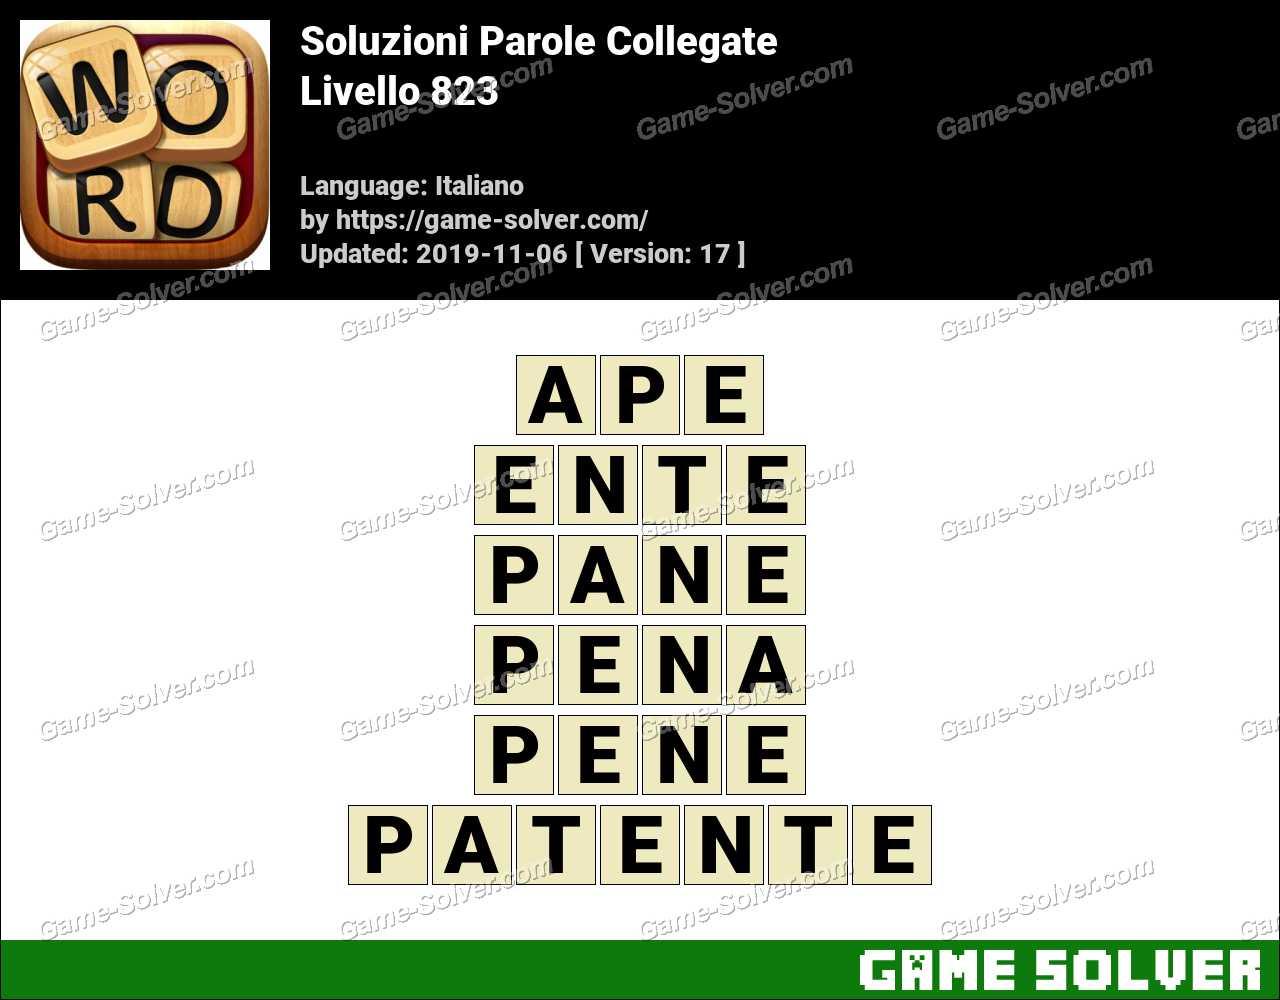 Soluzioni Parole Collegate Livello 823